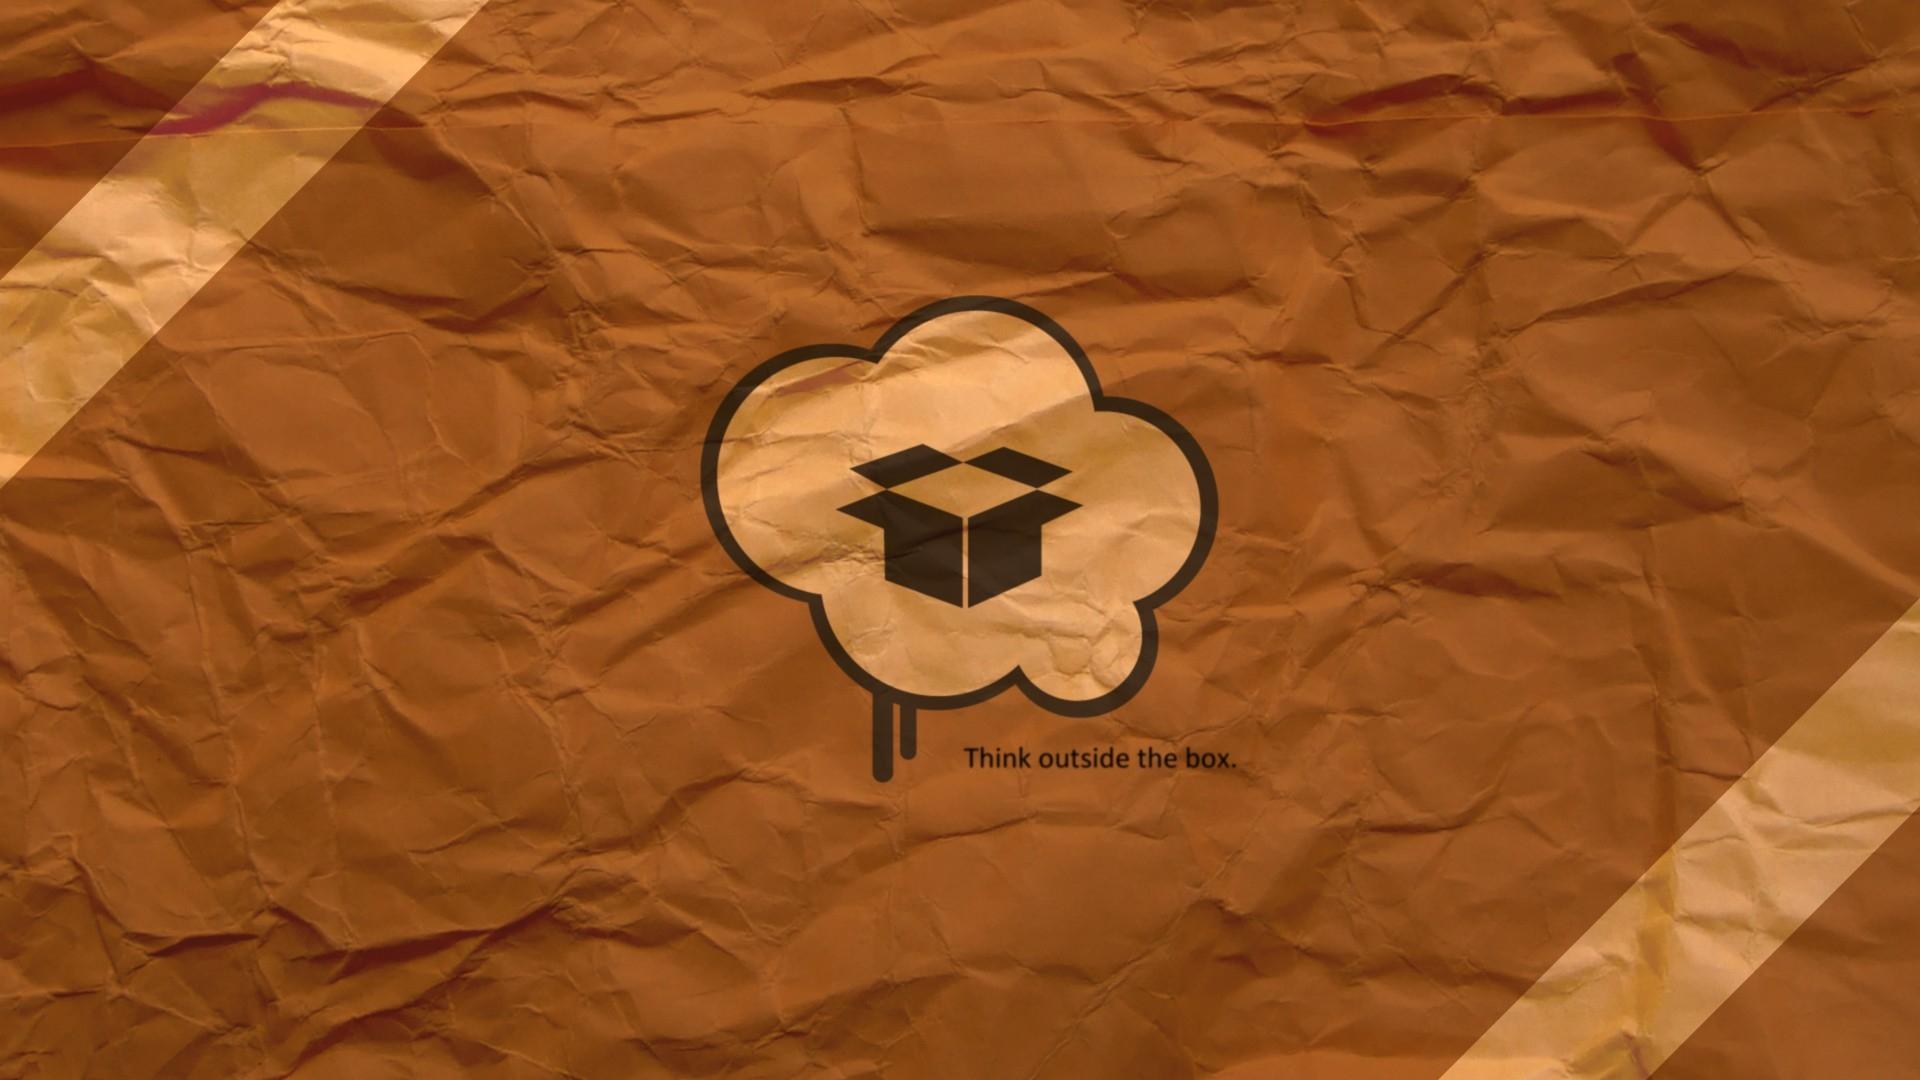 デスクトップ壁紙 段ボール ボックス 梱包 ラベル 考え 褐色 ベージュ 19x1080 デスクトップ壁紙 Wallhere